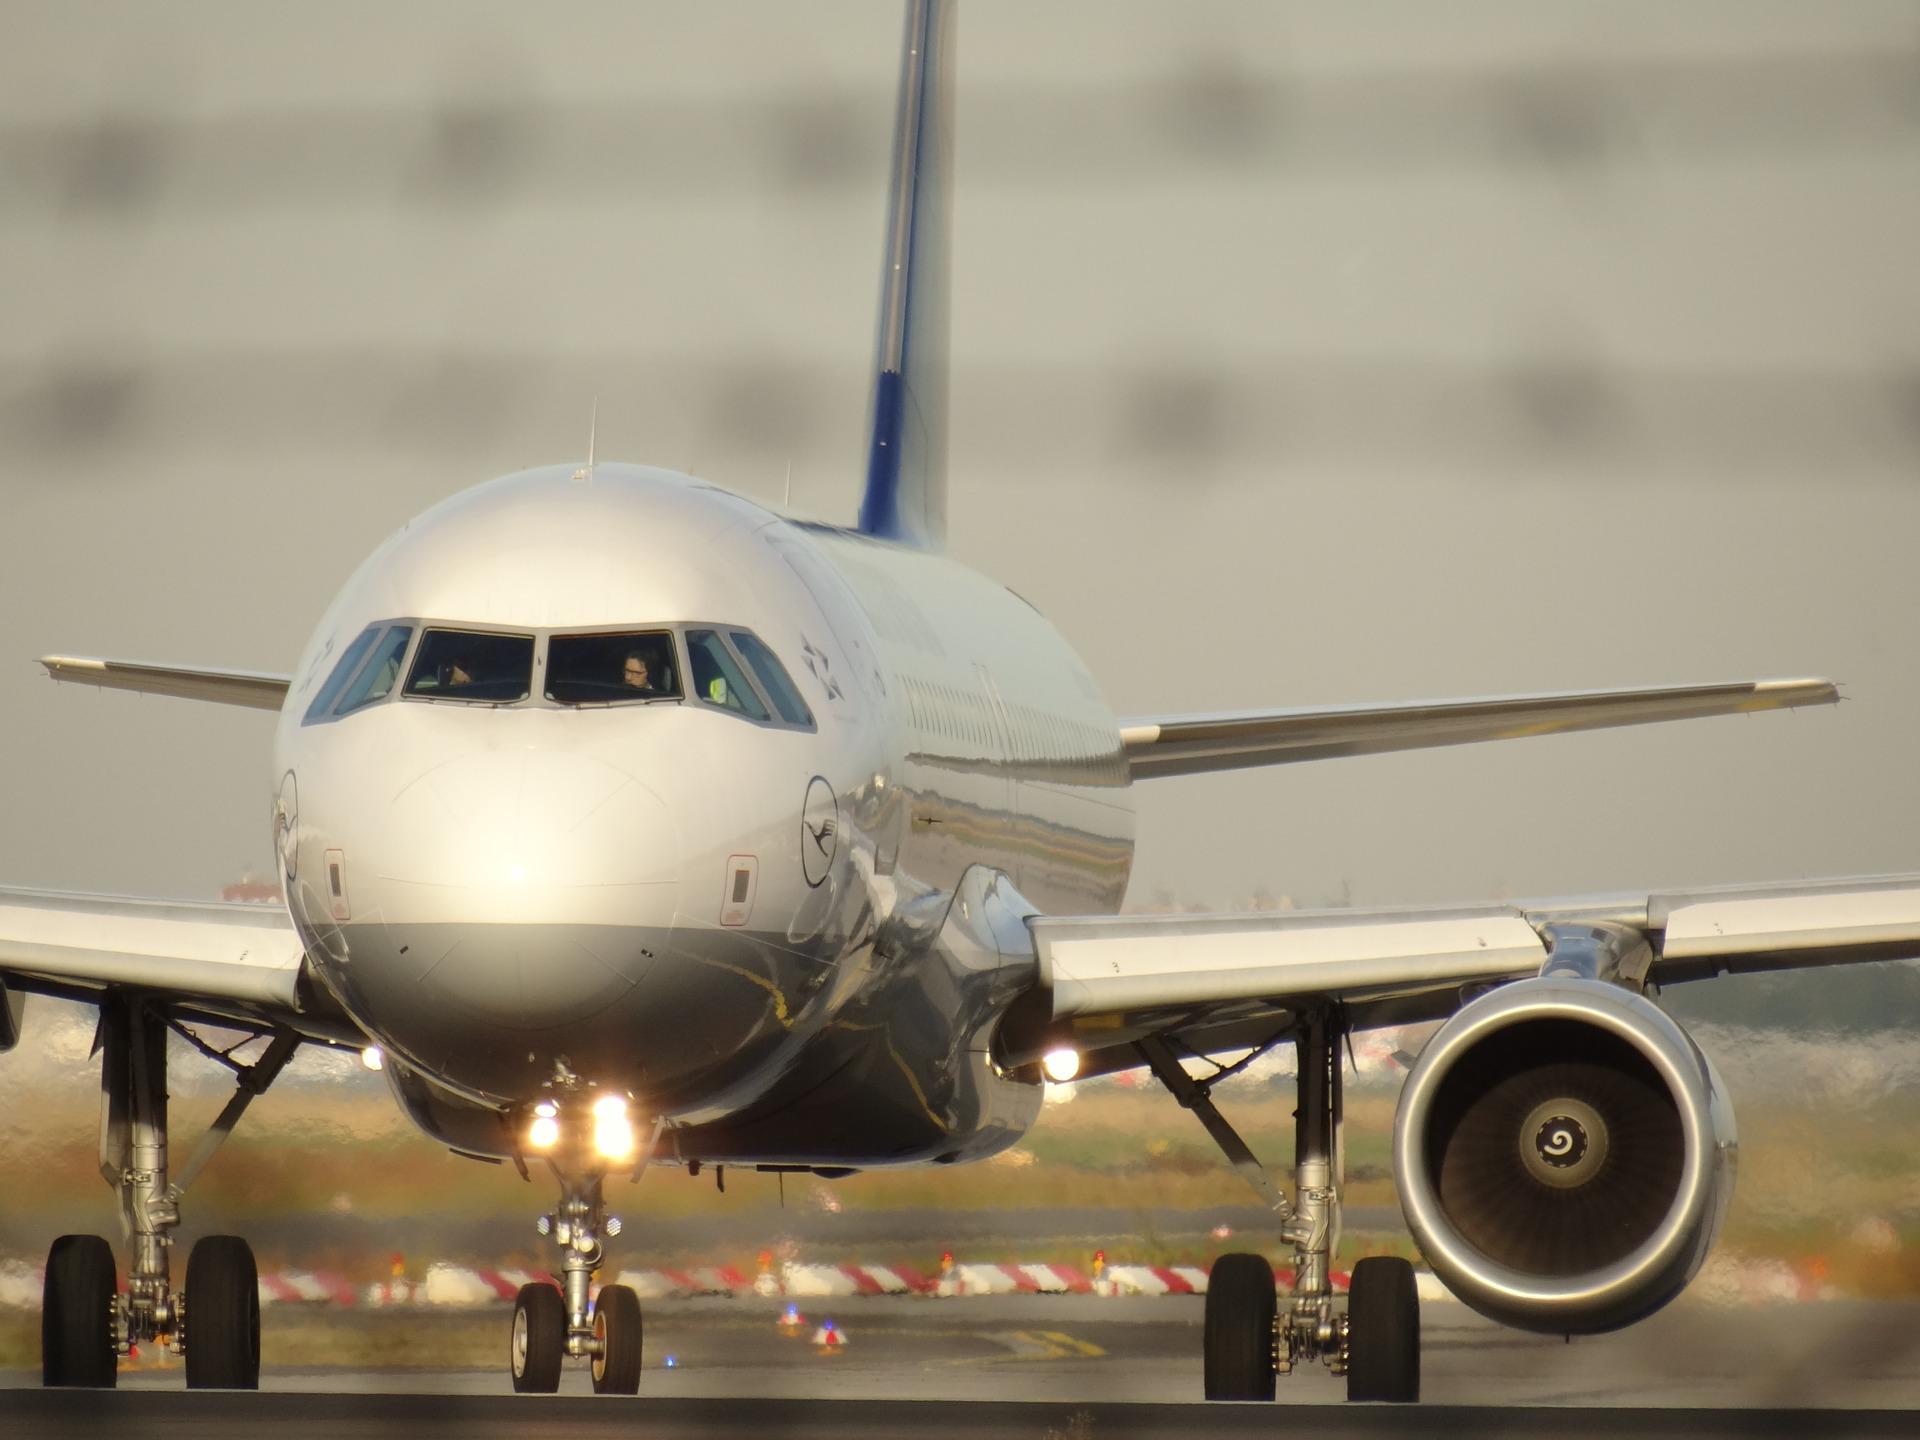 aircraft-1023968_1920